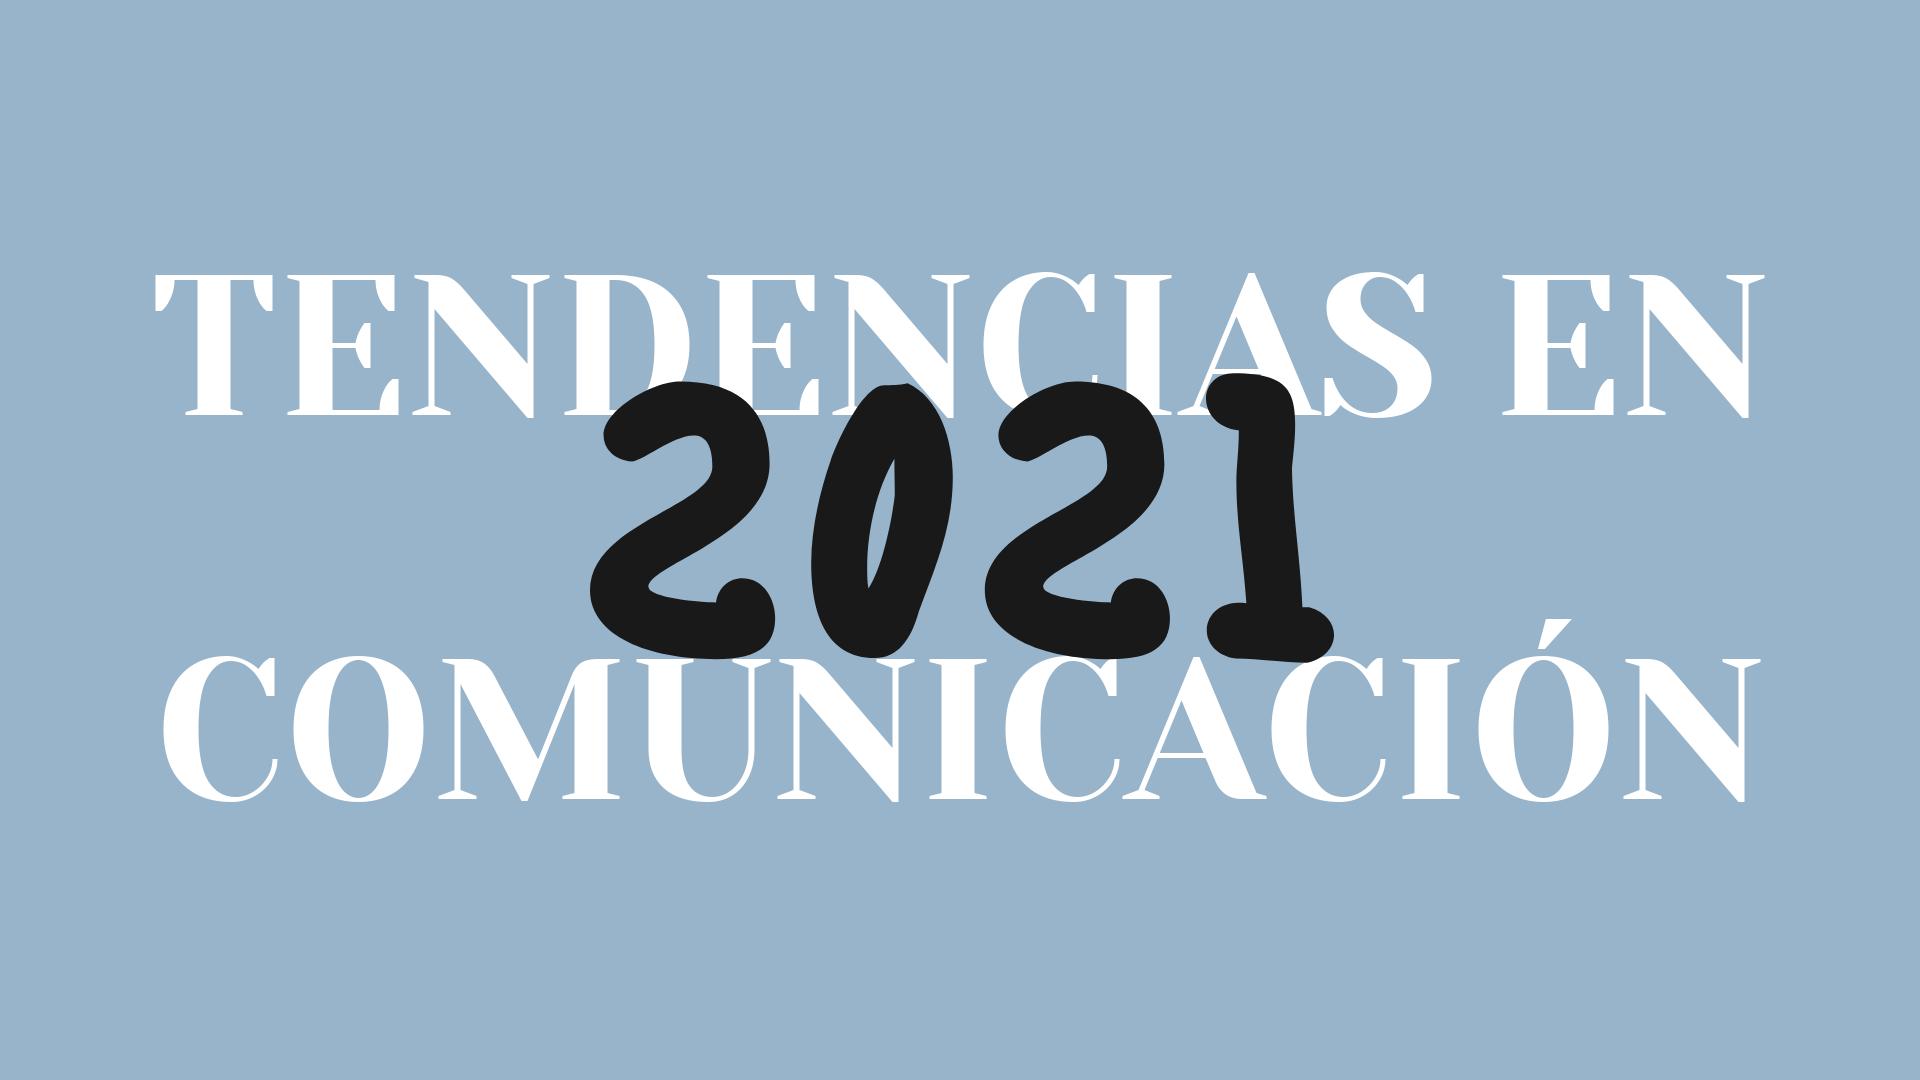 Tendencias en comunicación en 2021